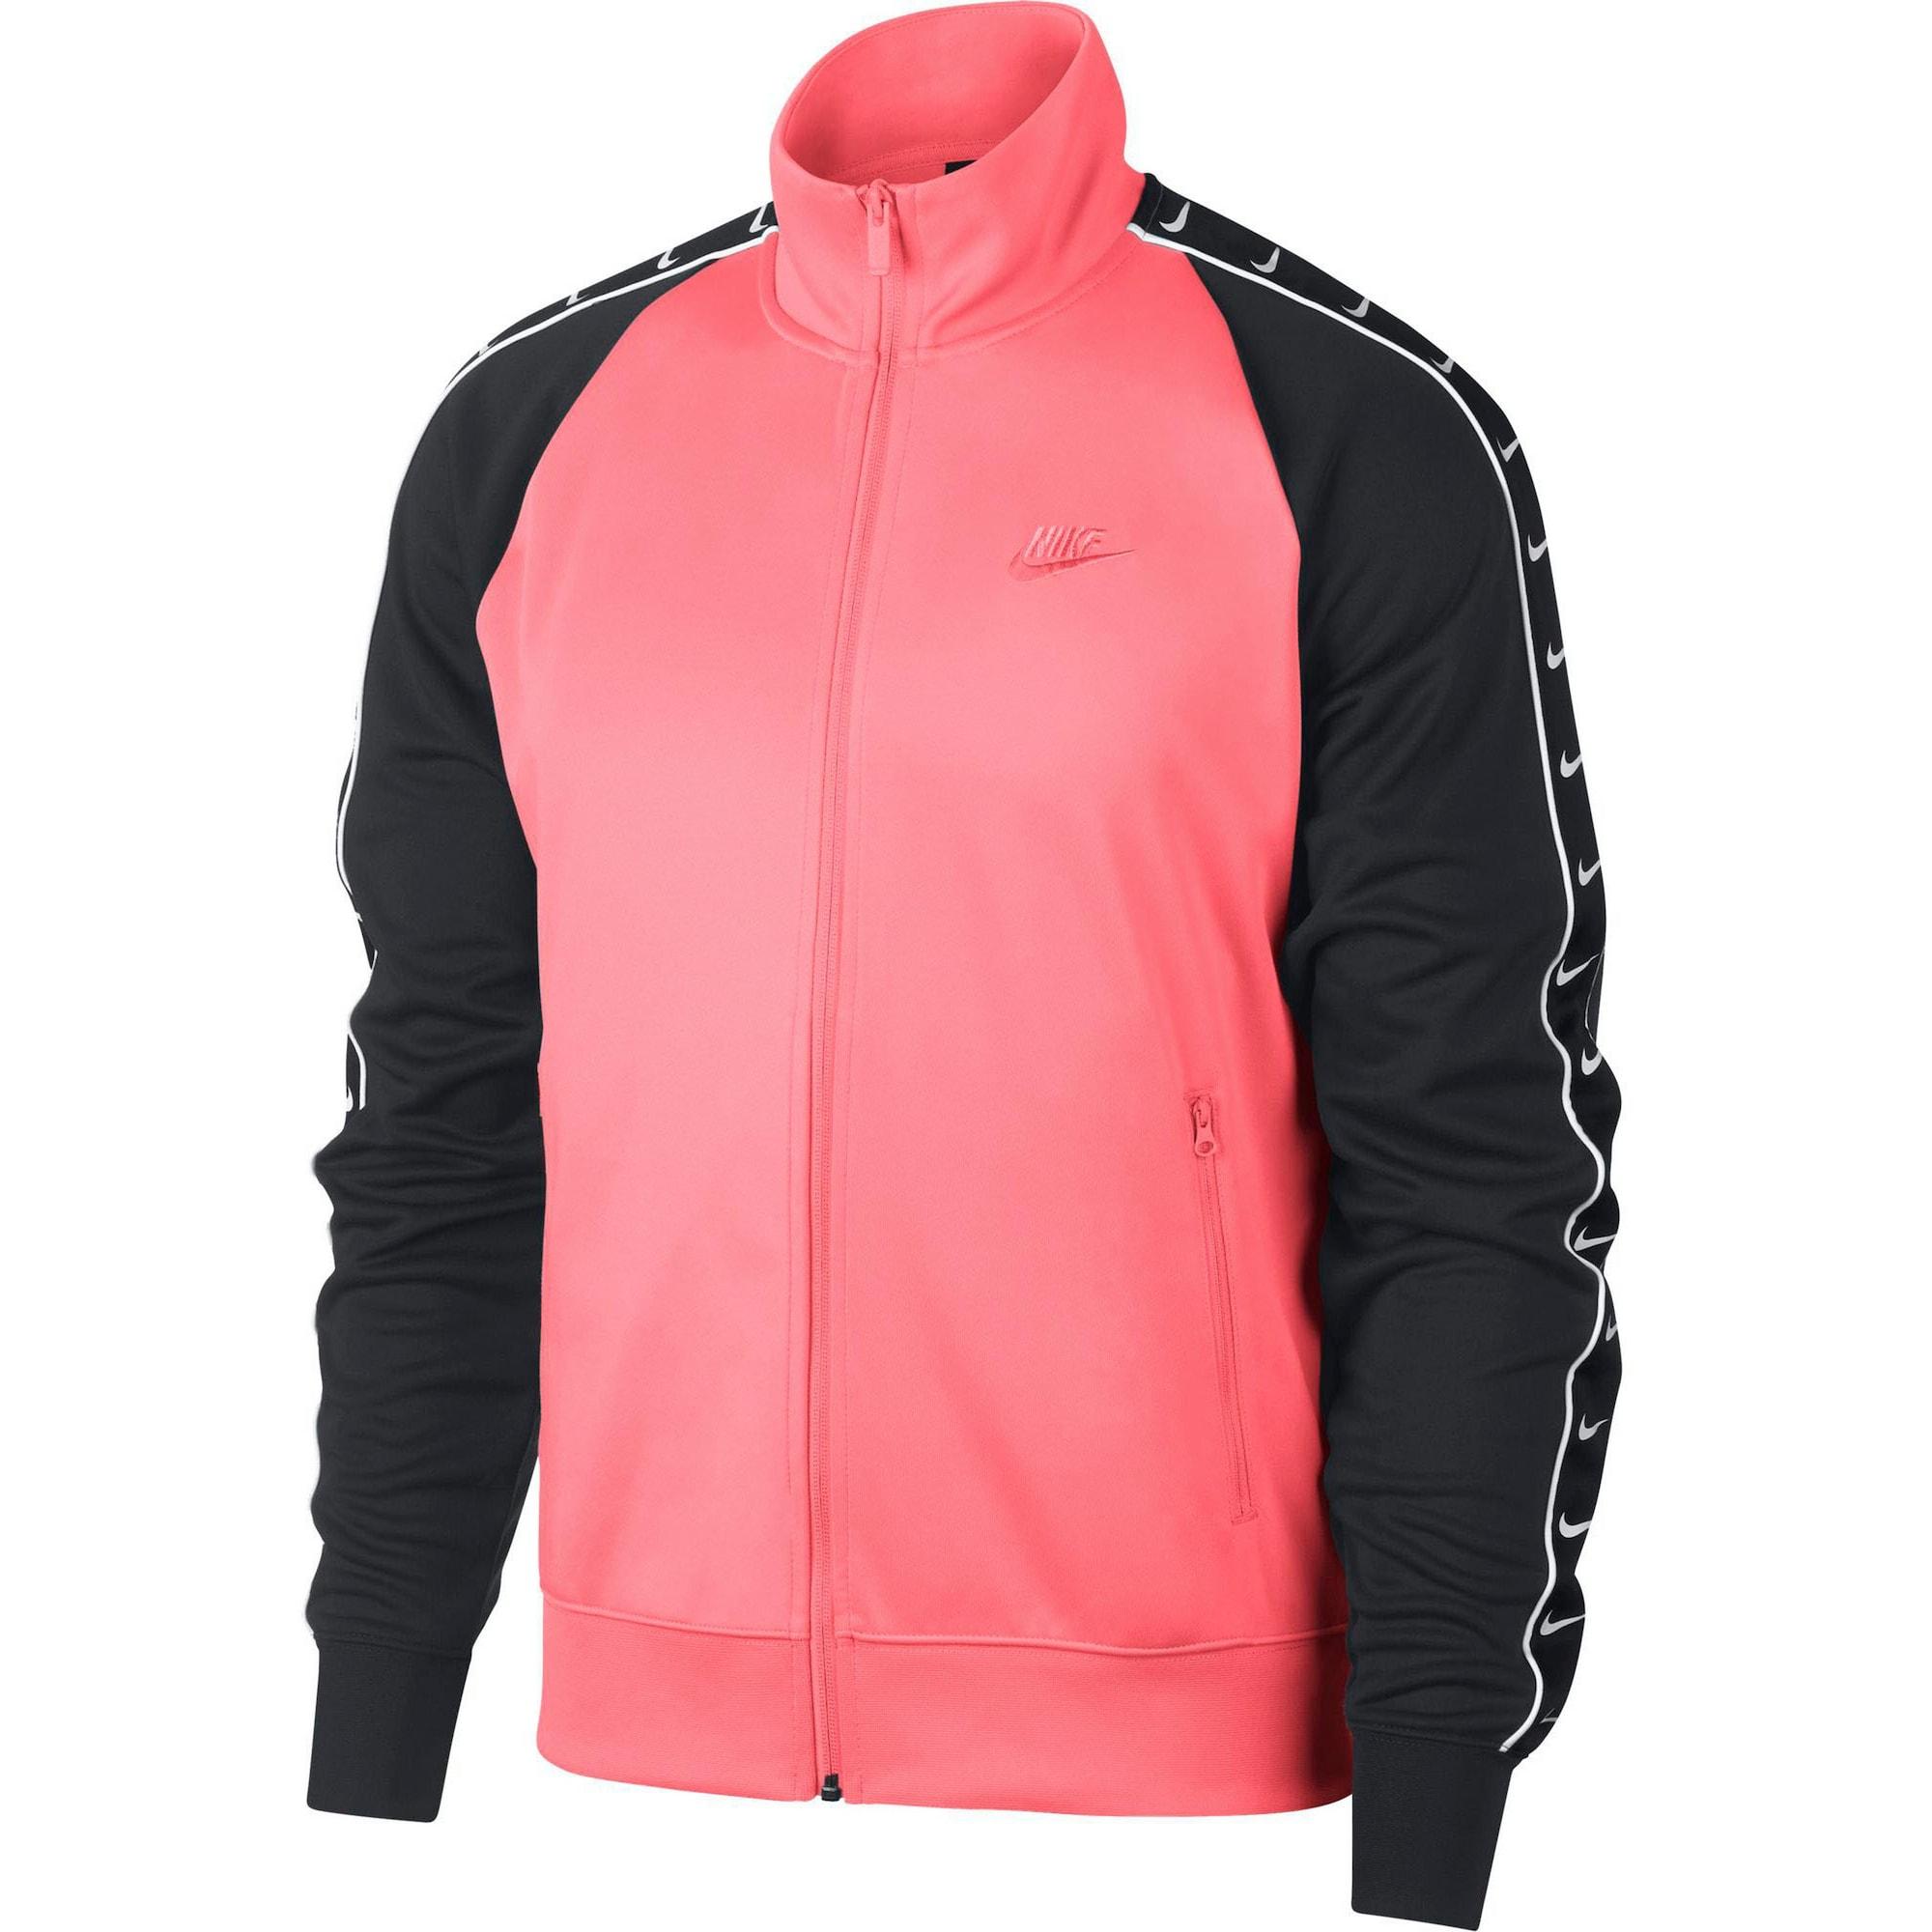 Jacke   Bekleidung > Jacken > Sonstige Jacken   Nike Sportswear